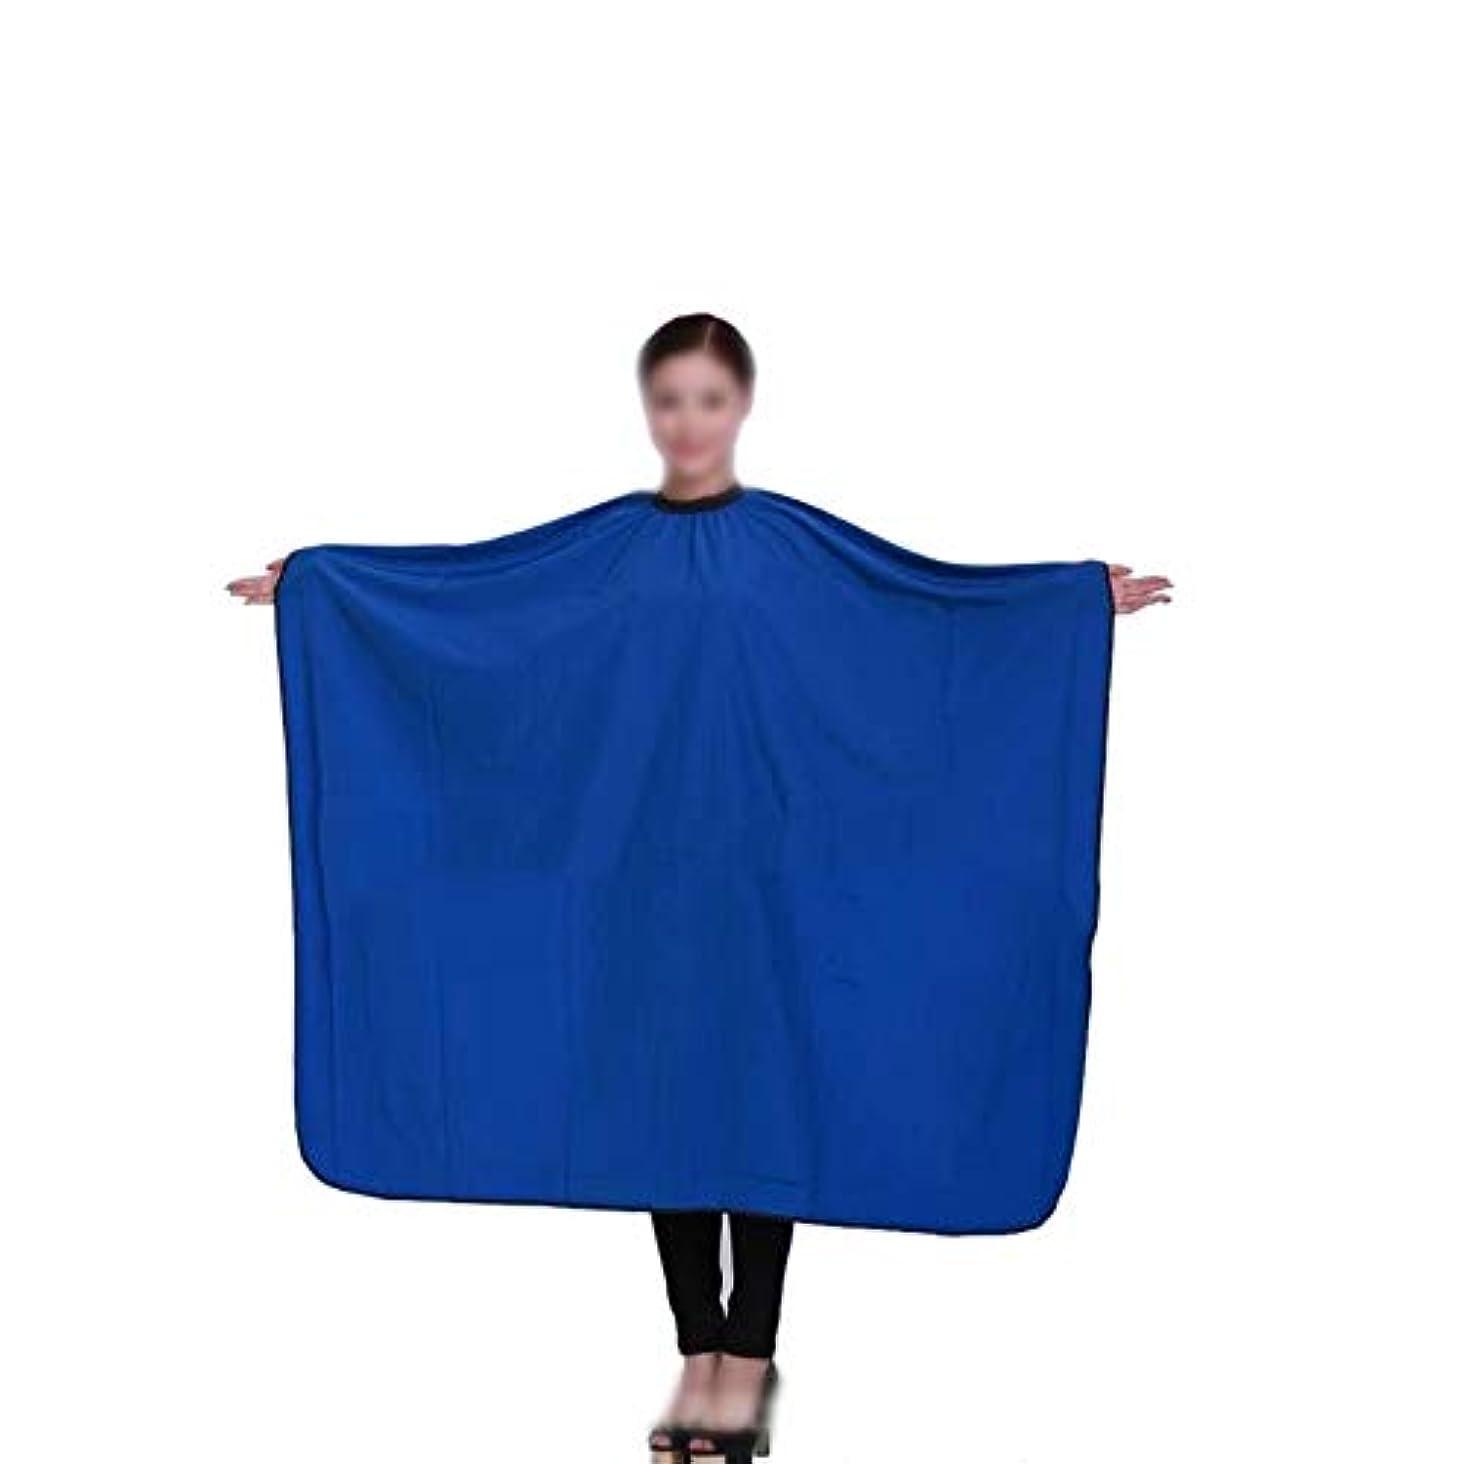 群れセグメント民主党Lucy Day サロンヘアカットエプロンヘアカット防水布ブルースタイリングケープサロン布